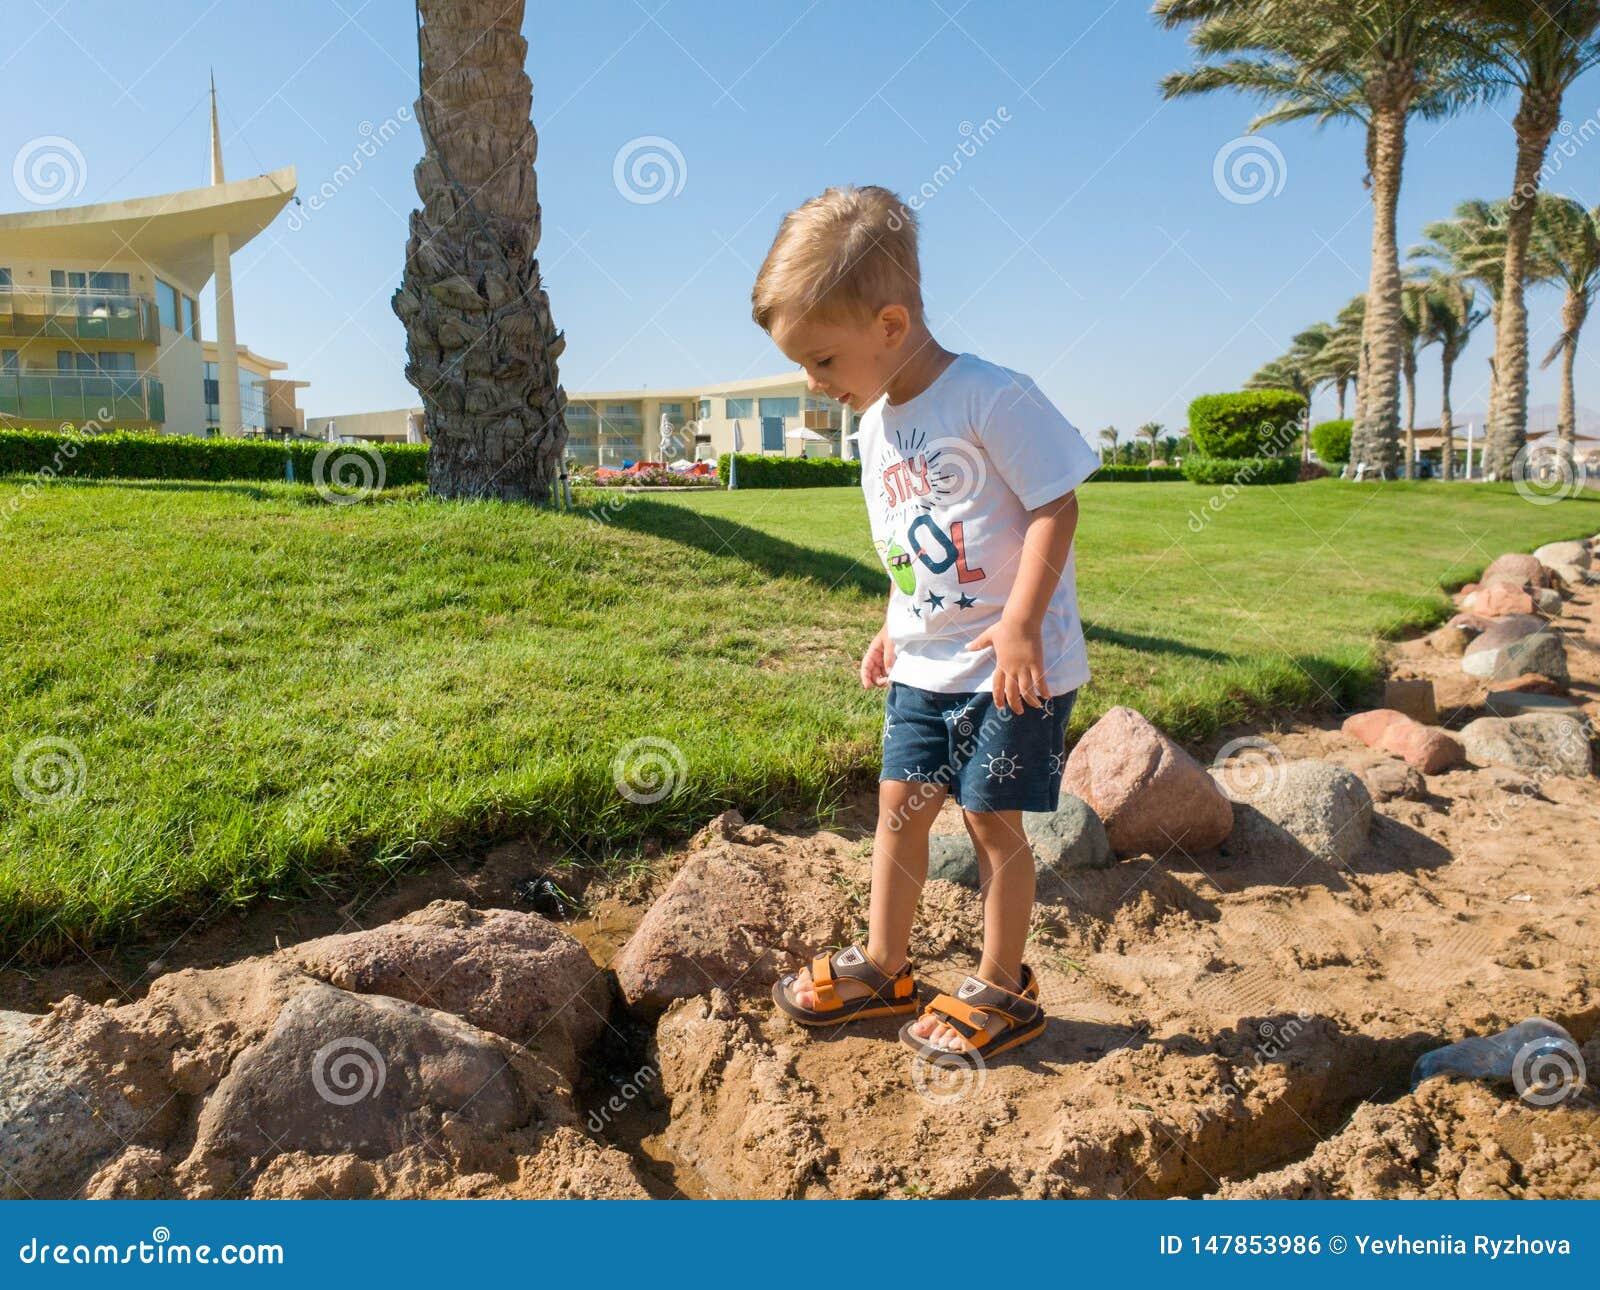 Φωτογραφία του χαριτωμένου περπατήματος αγοριών μικρών παιδιών στη θάλασσα με κάτω από τους φοίνικες ανάπτυξης και τον όμορφο πρά